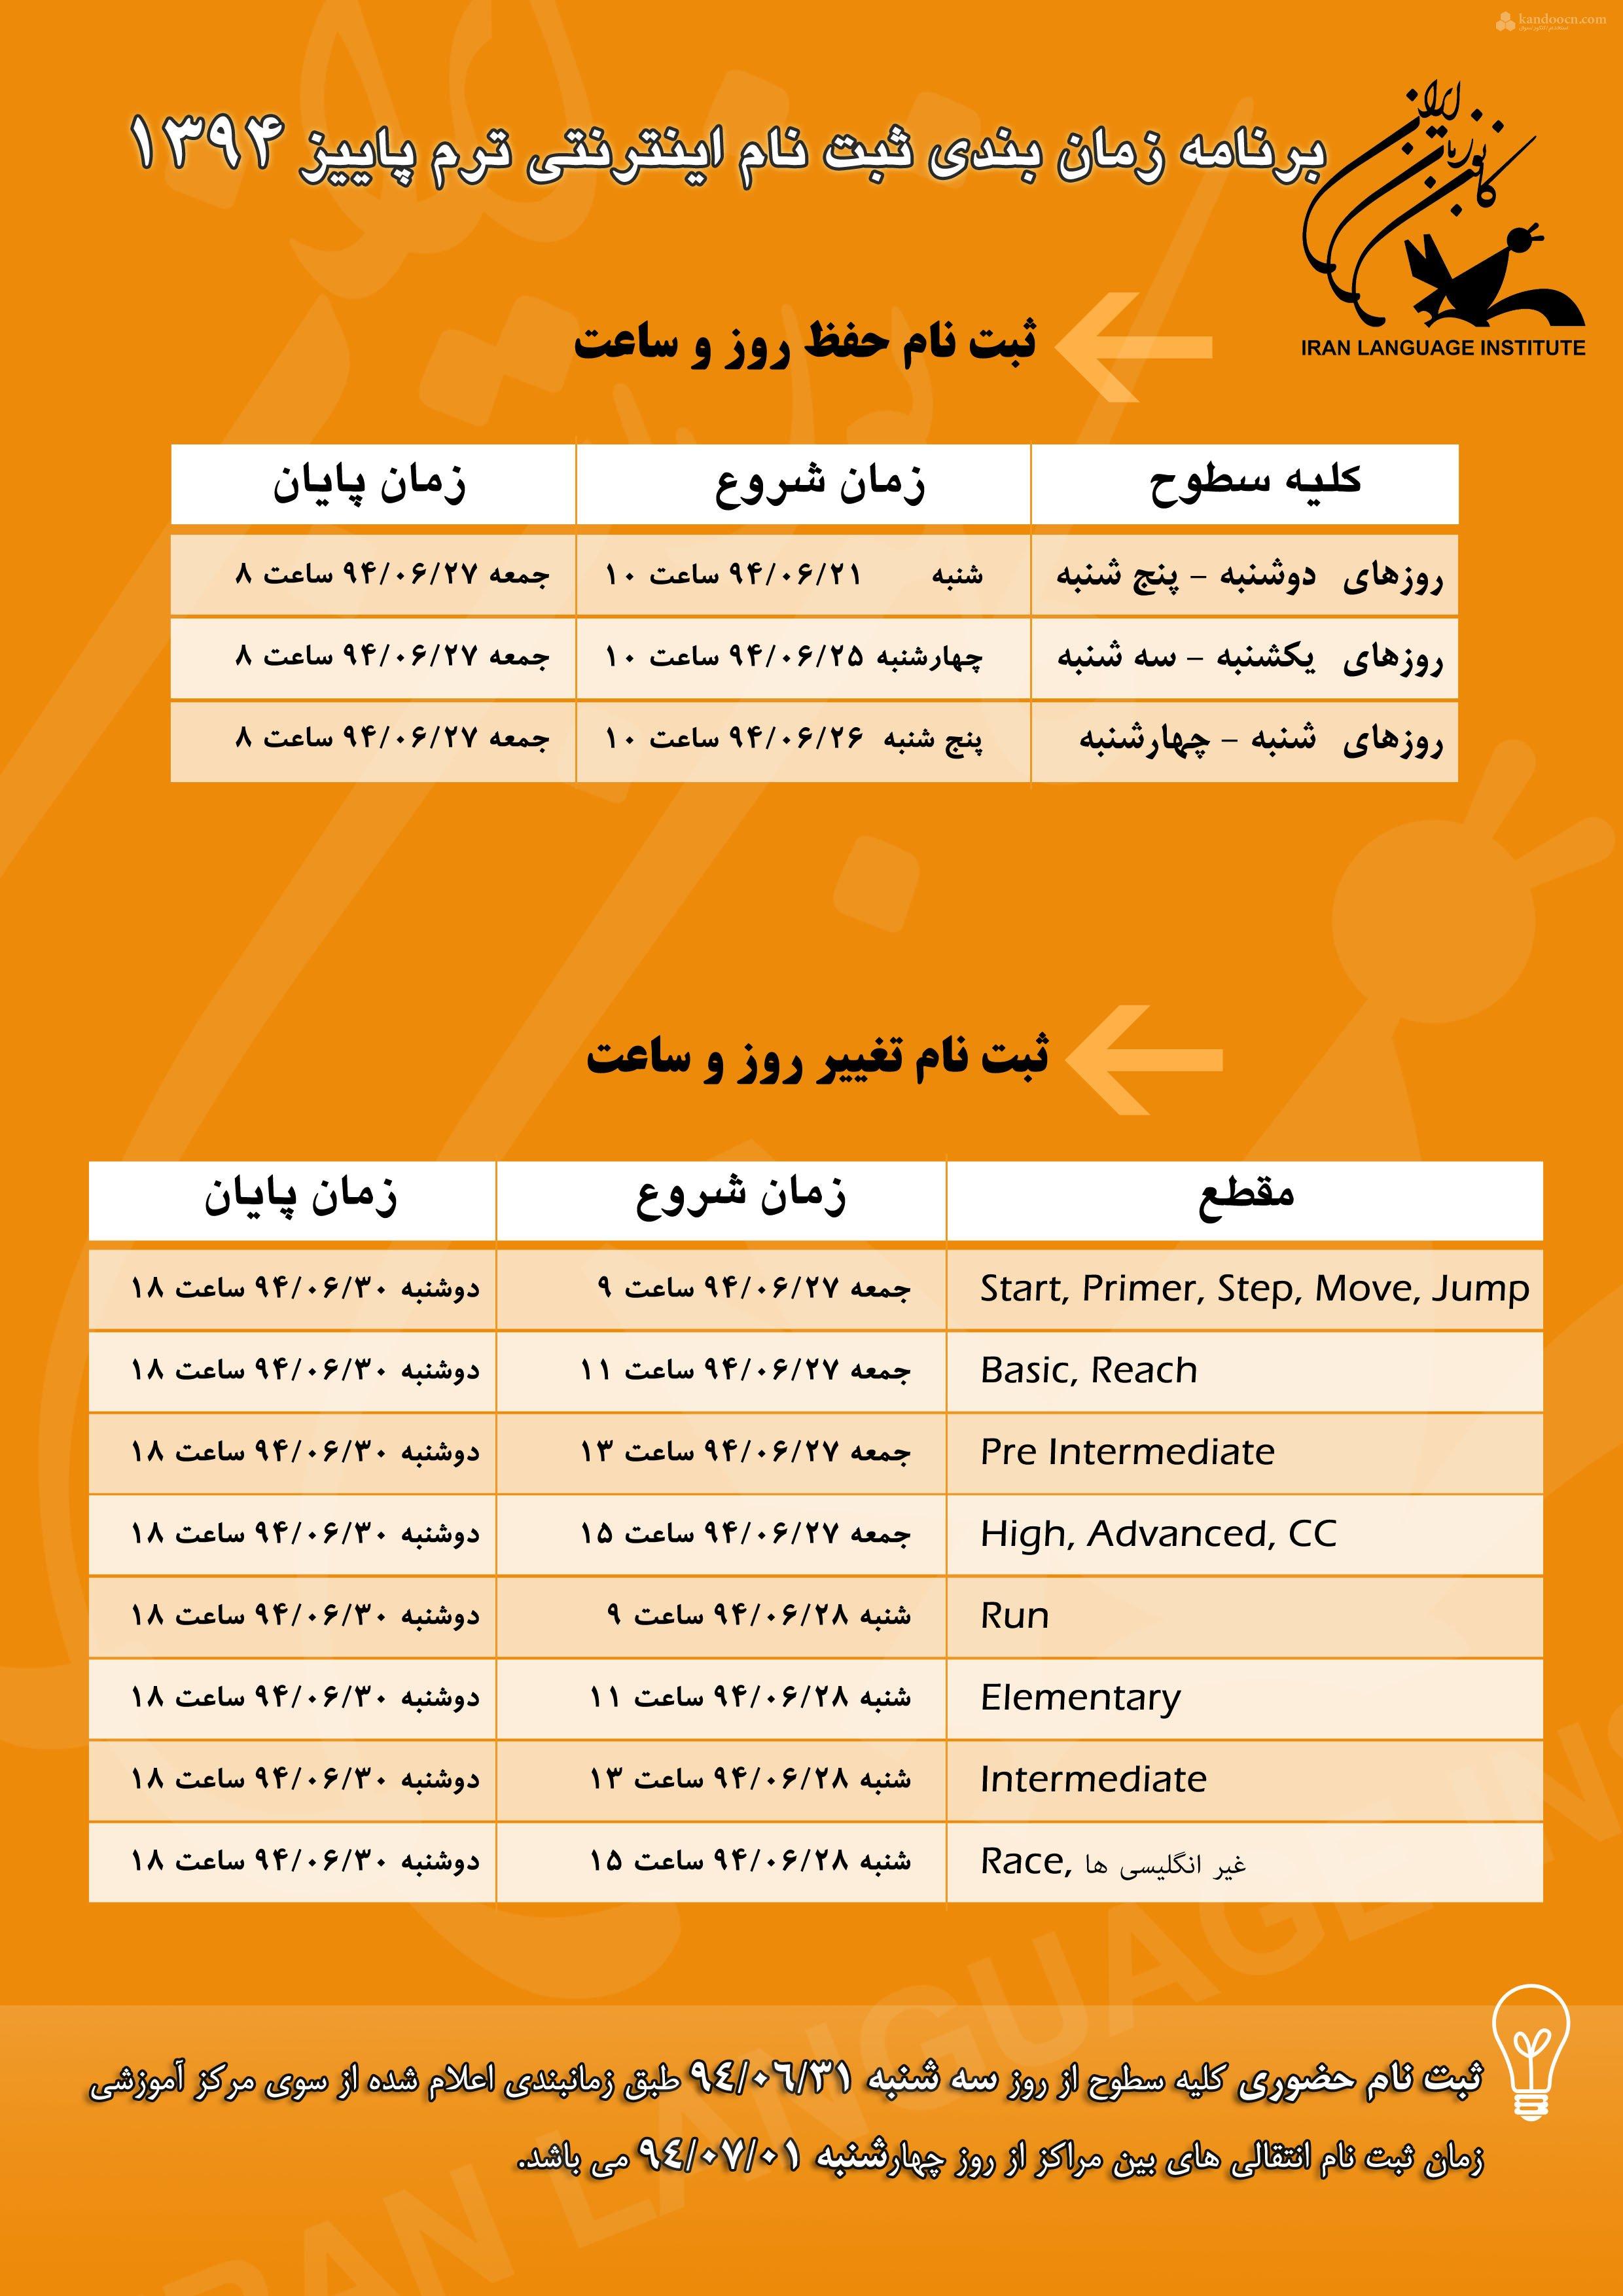 شهریه زبان ایران